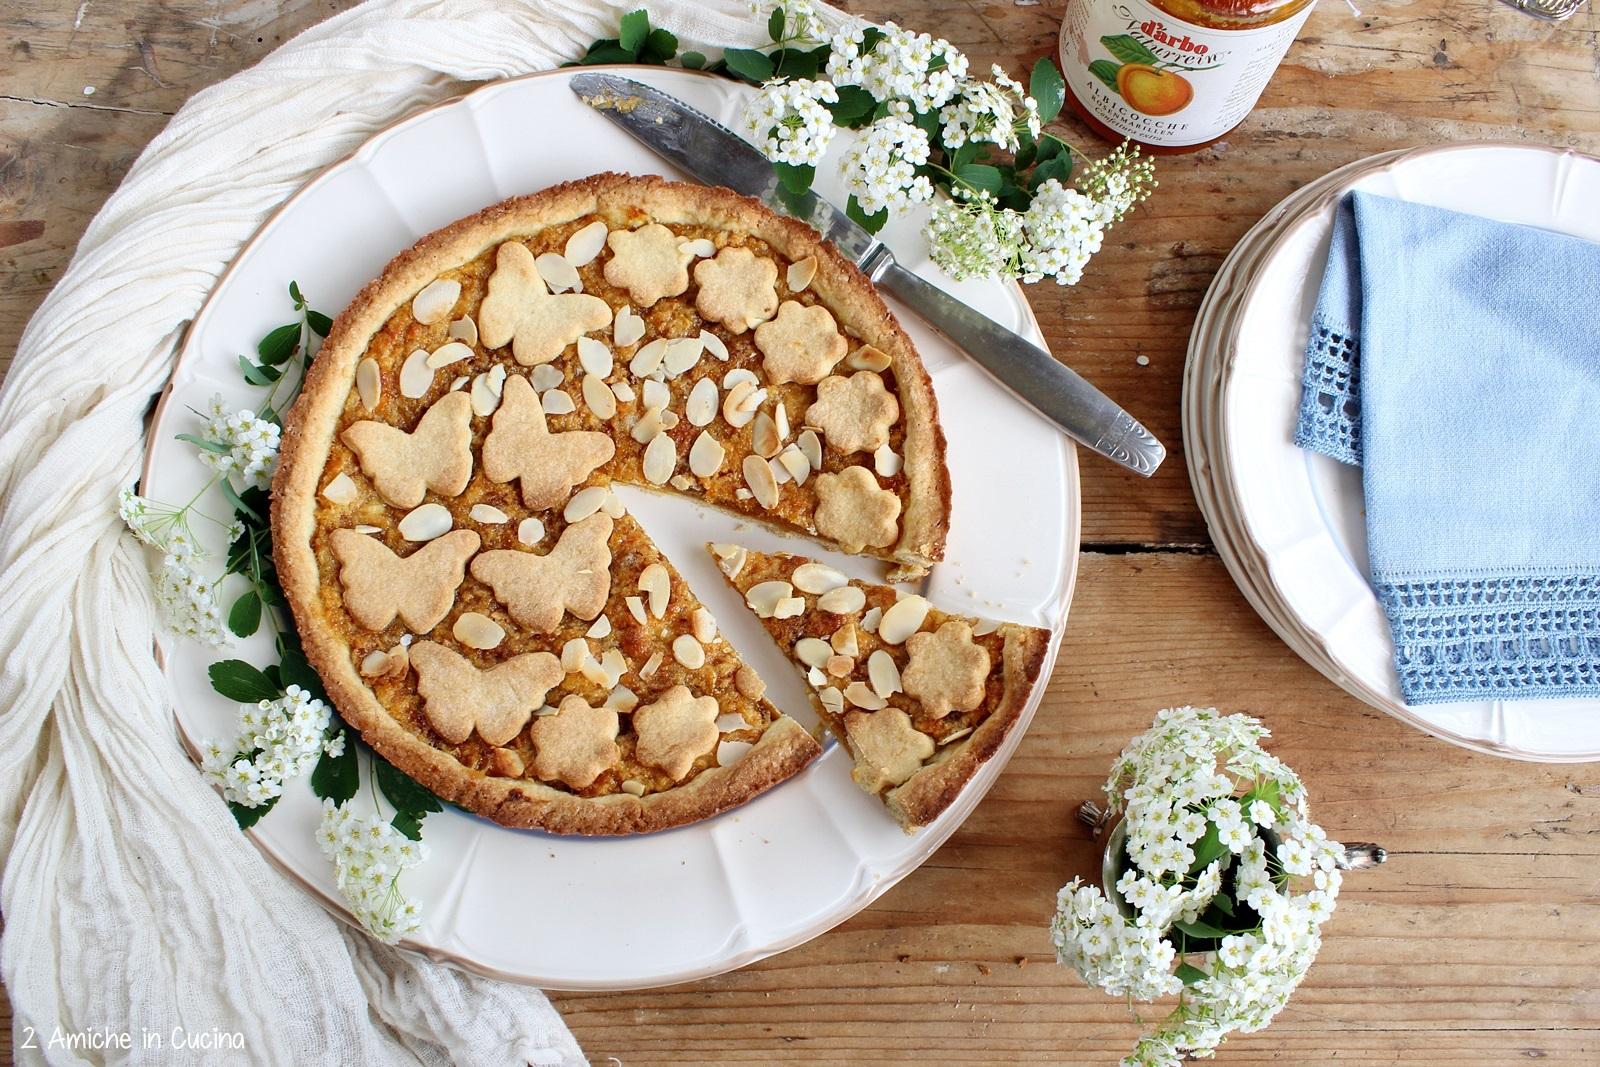 Crostata con confettura di albicocche e colomba